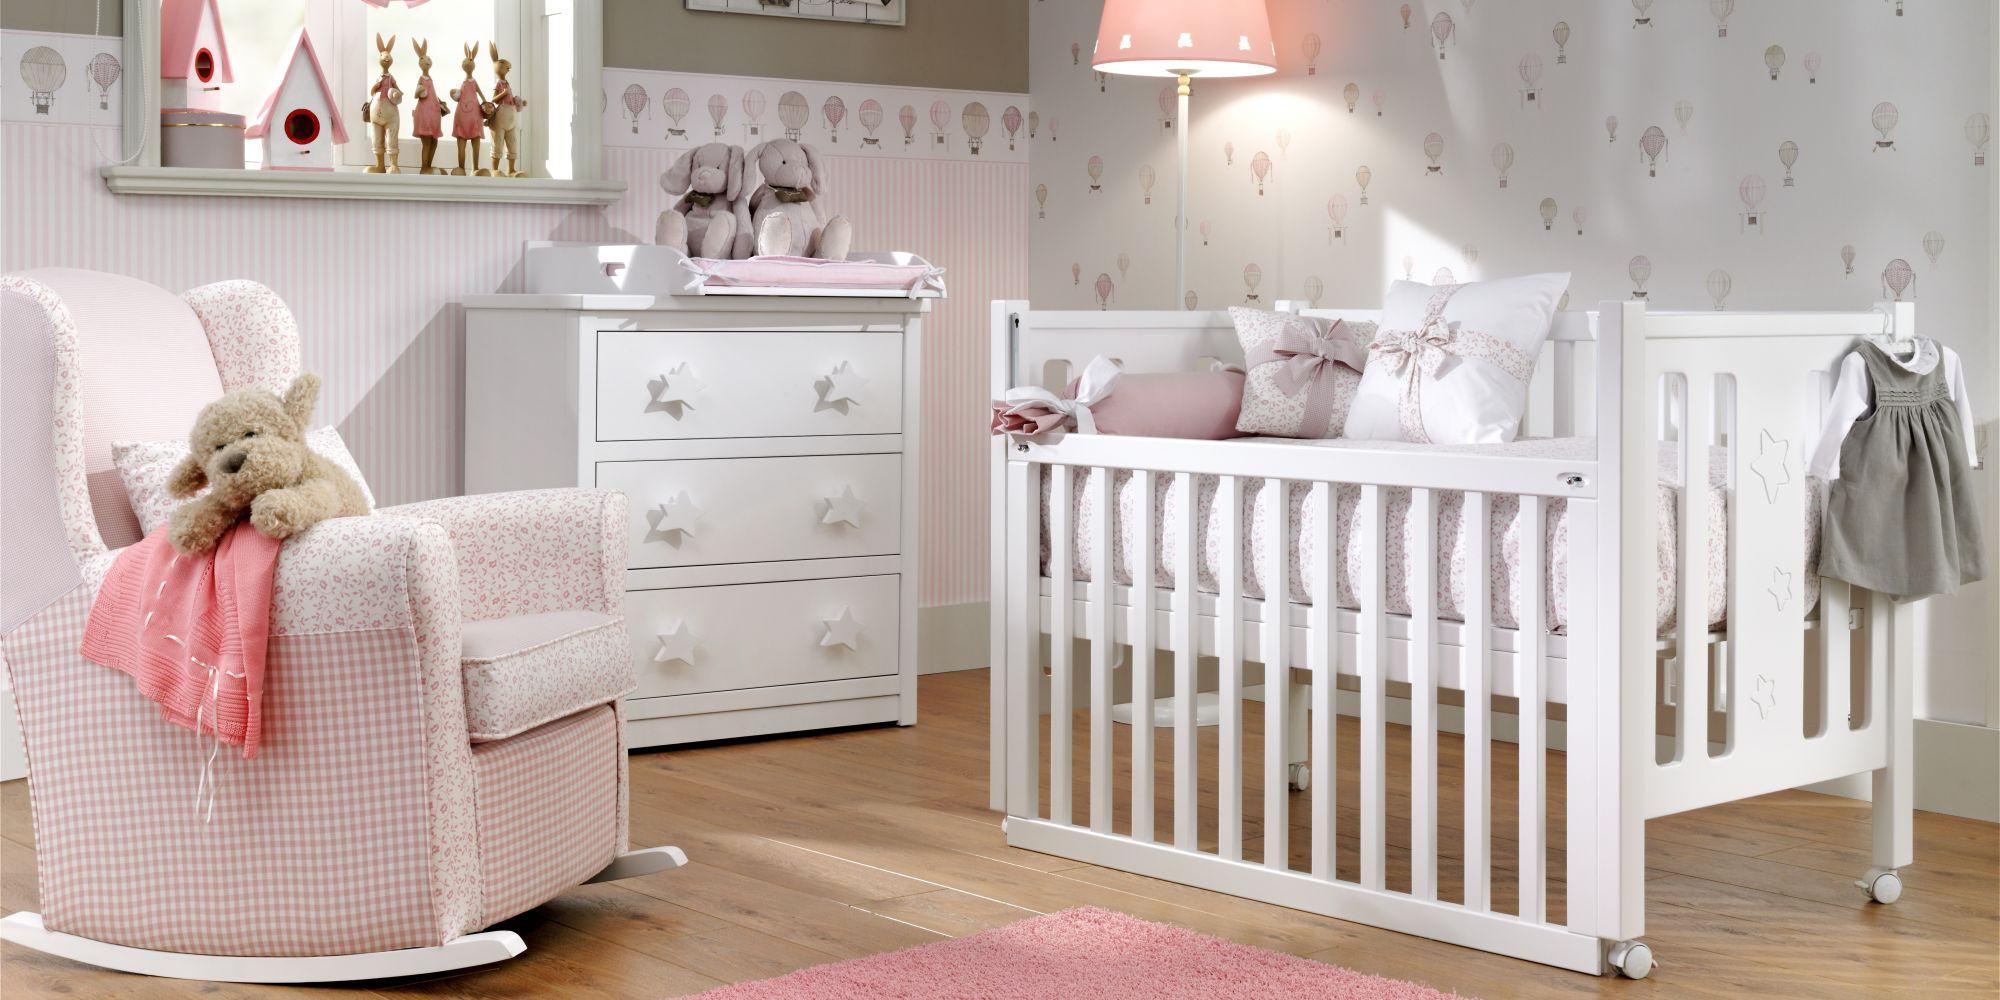 Cuna con barandilla móvil, cómoda de 3 cajones y mecedora infantil, estancia ideal para el confort de su bebe   Mueble Infantil